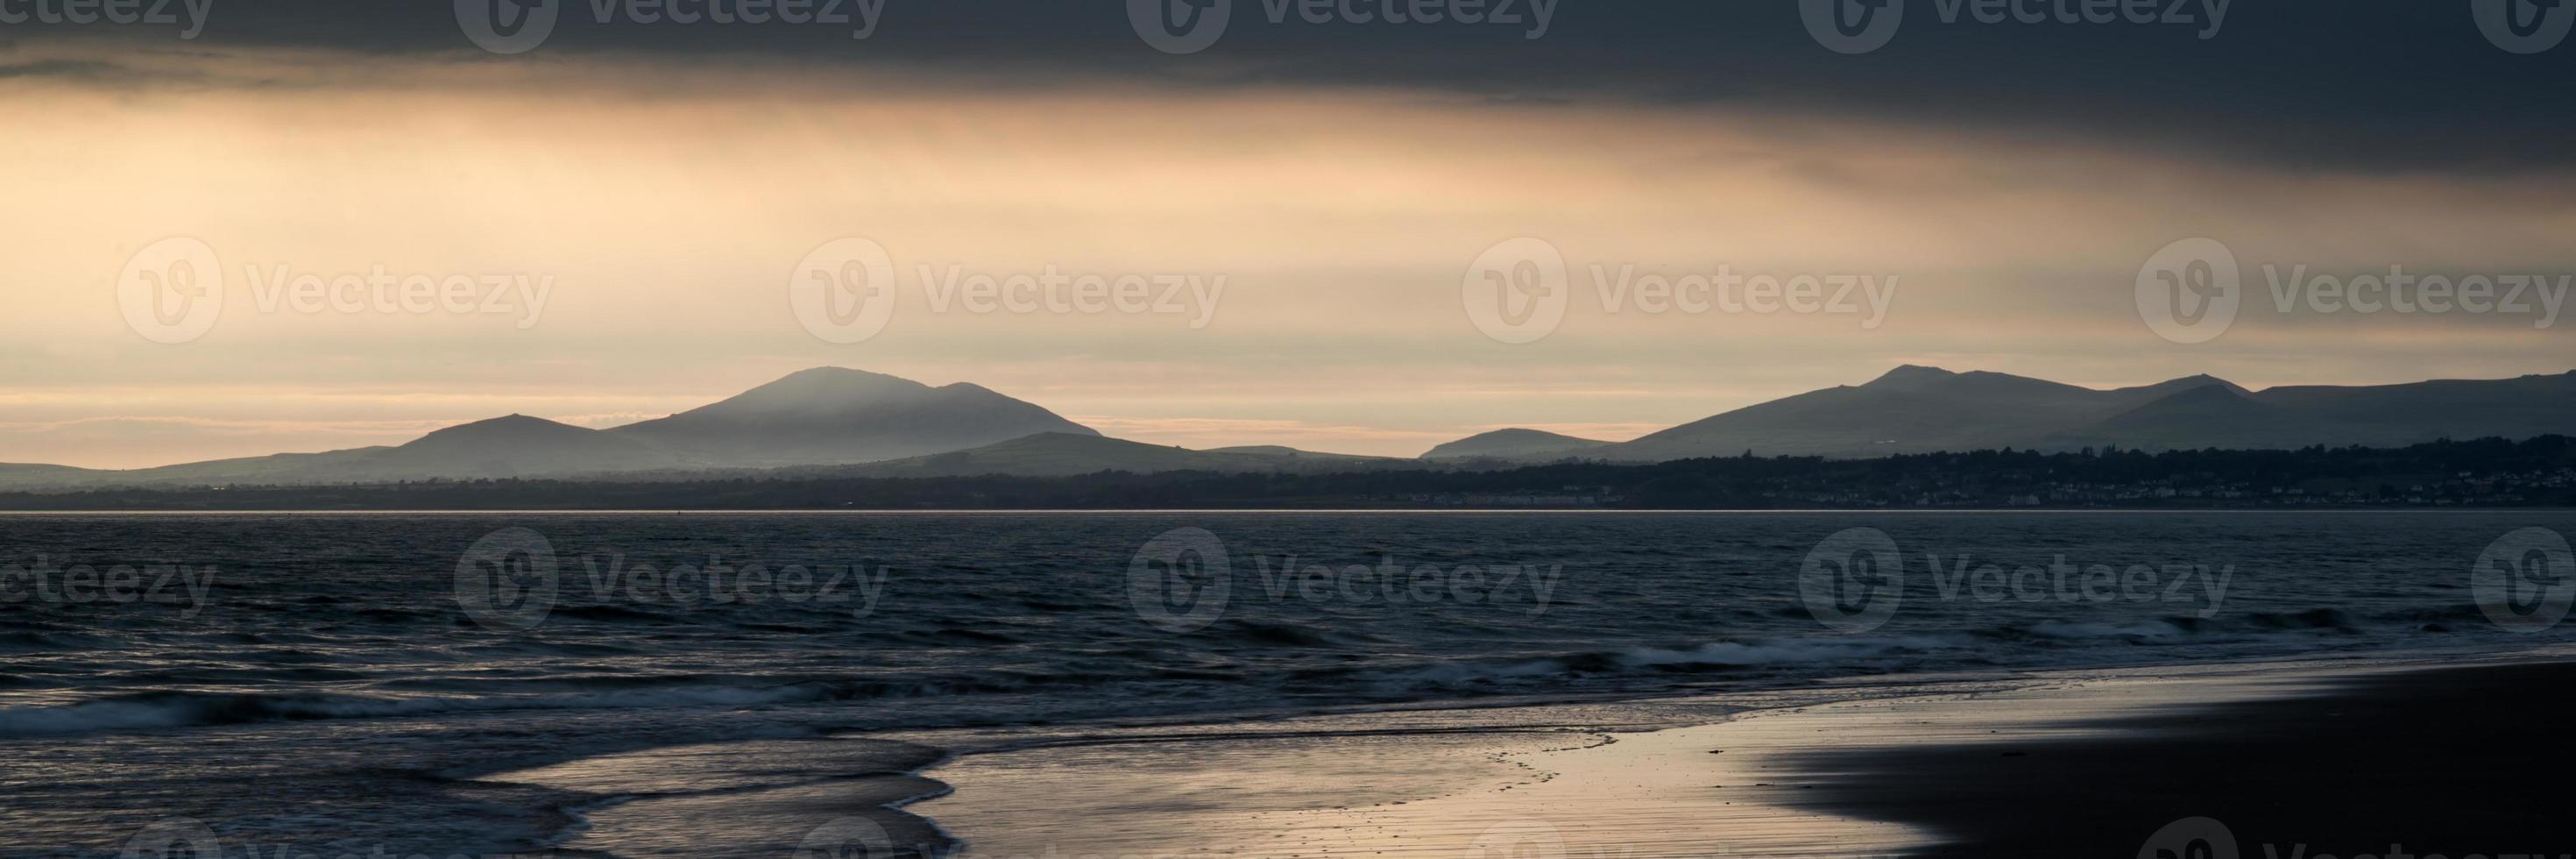 panorama landschap prachtige bergketen en strand bij levendige zonsondergang foto